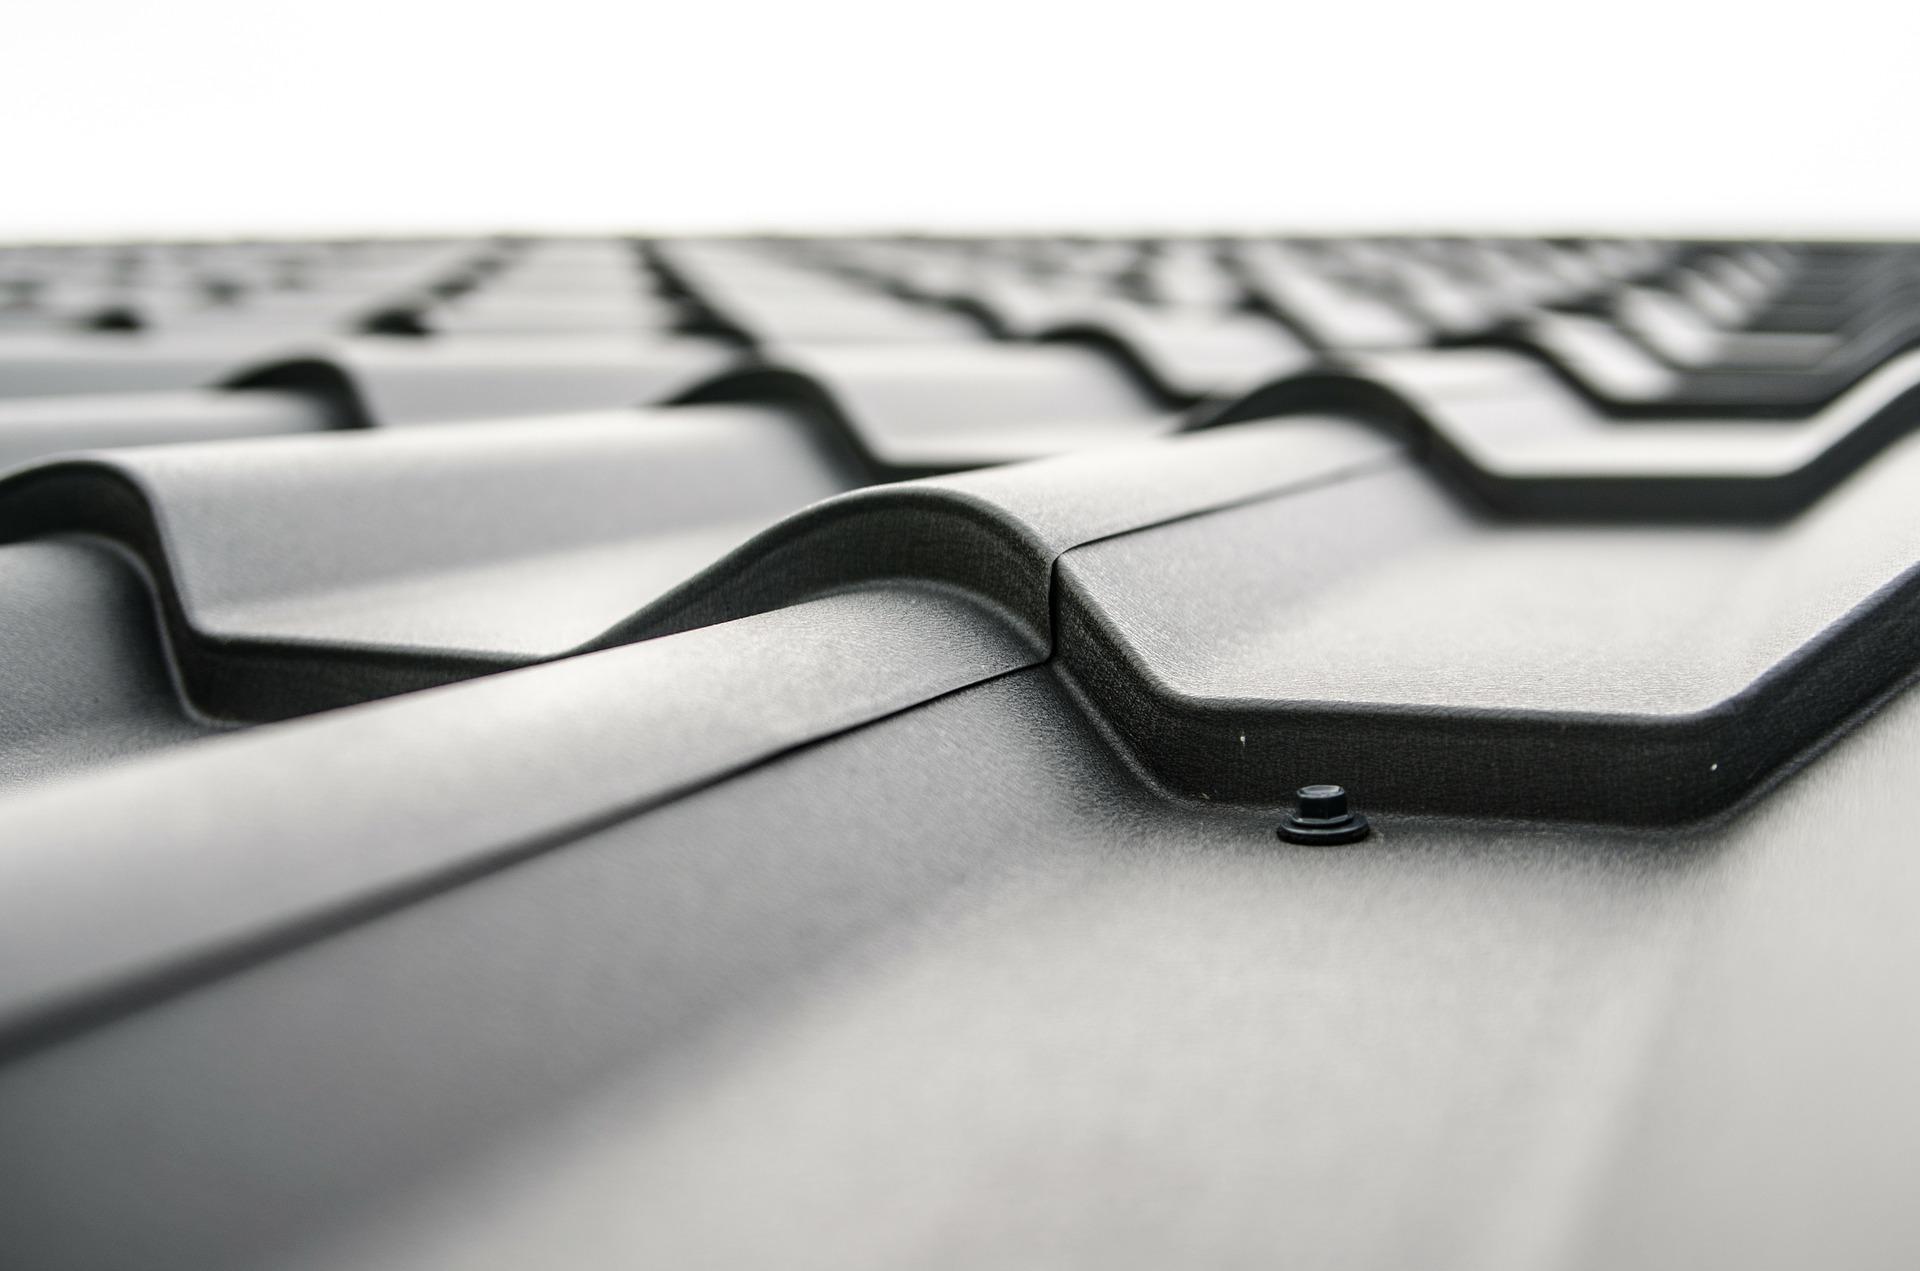 roof-plate-264742_1920.jpg